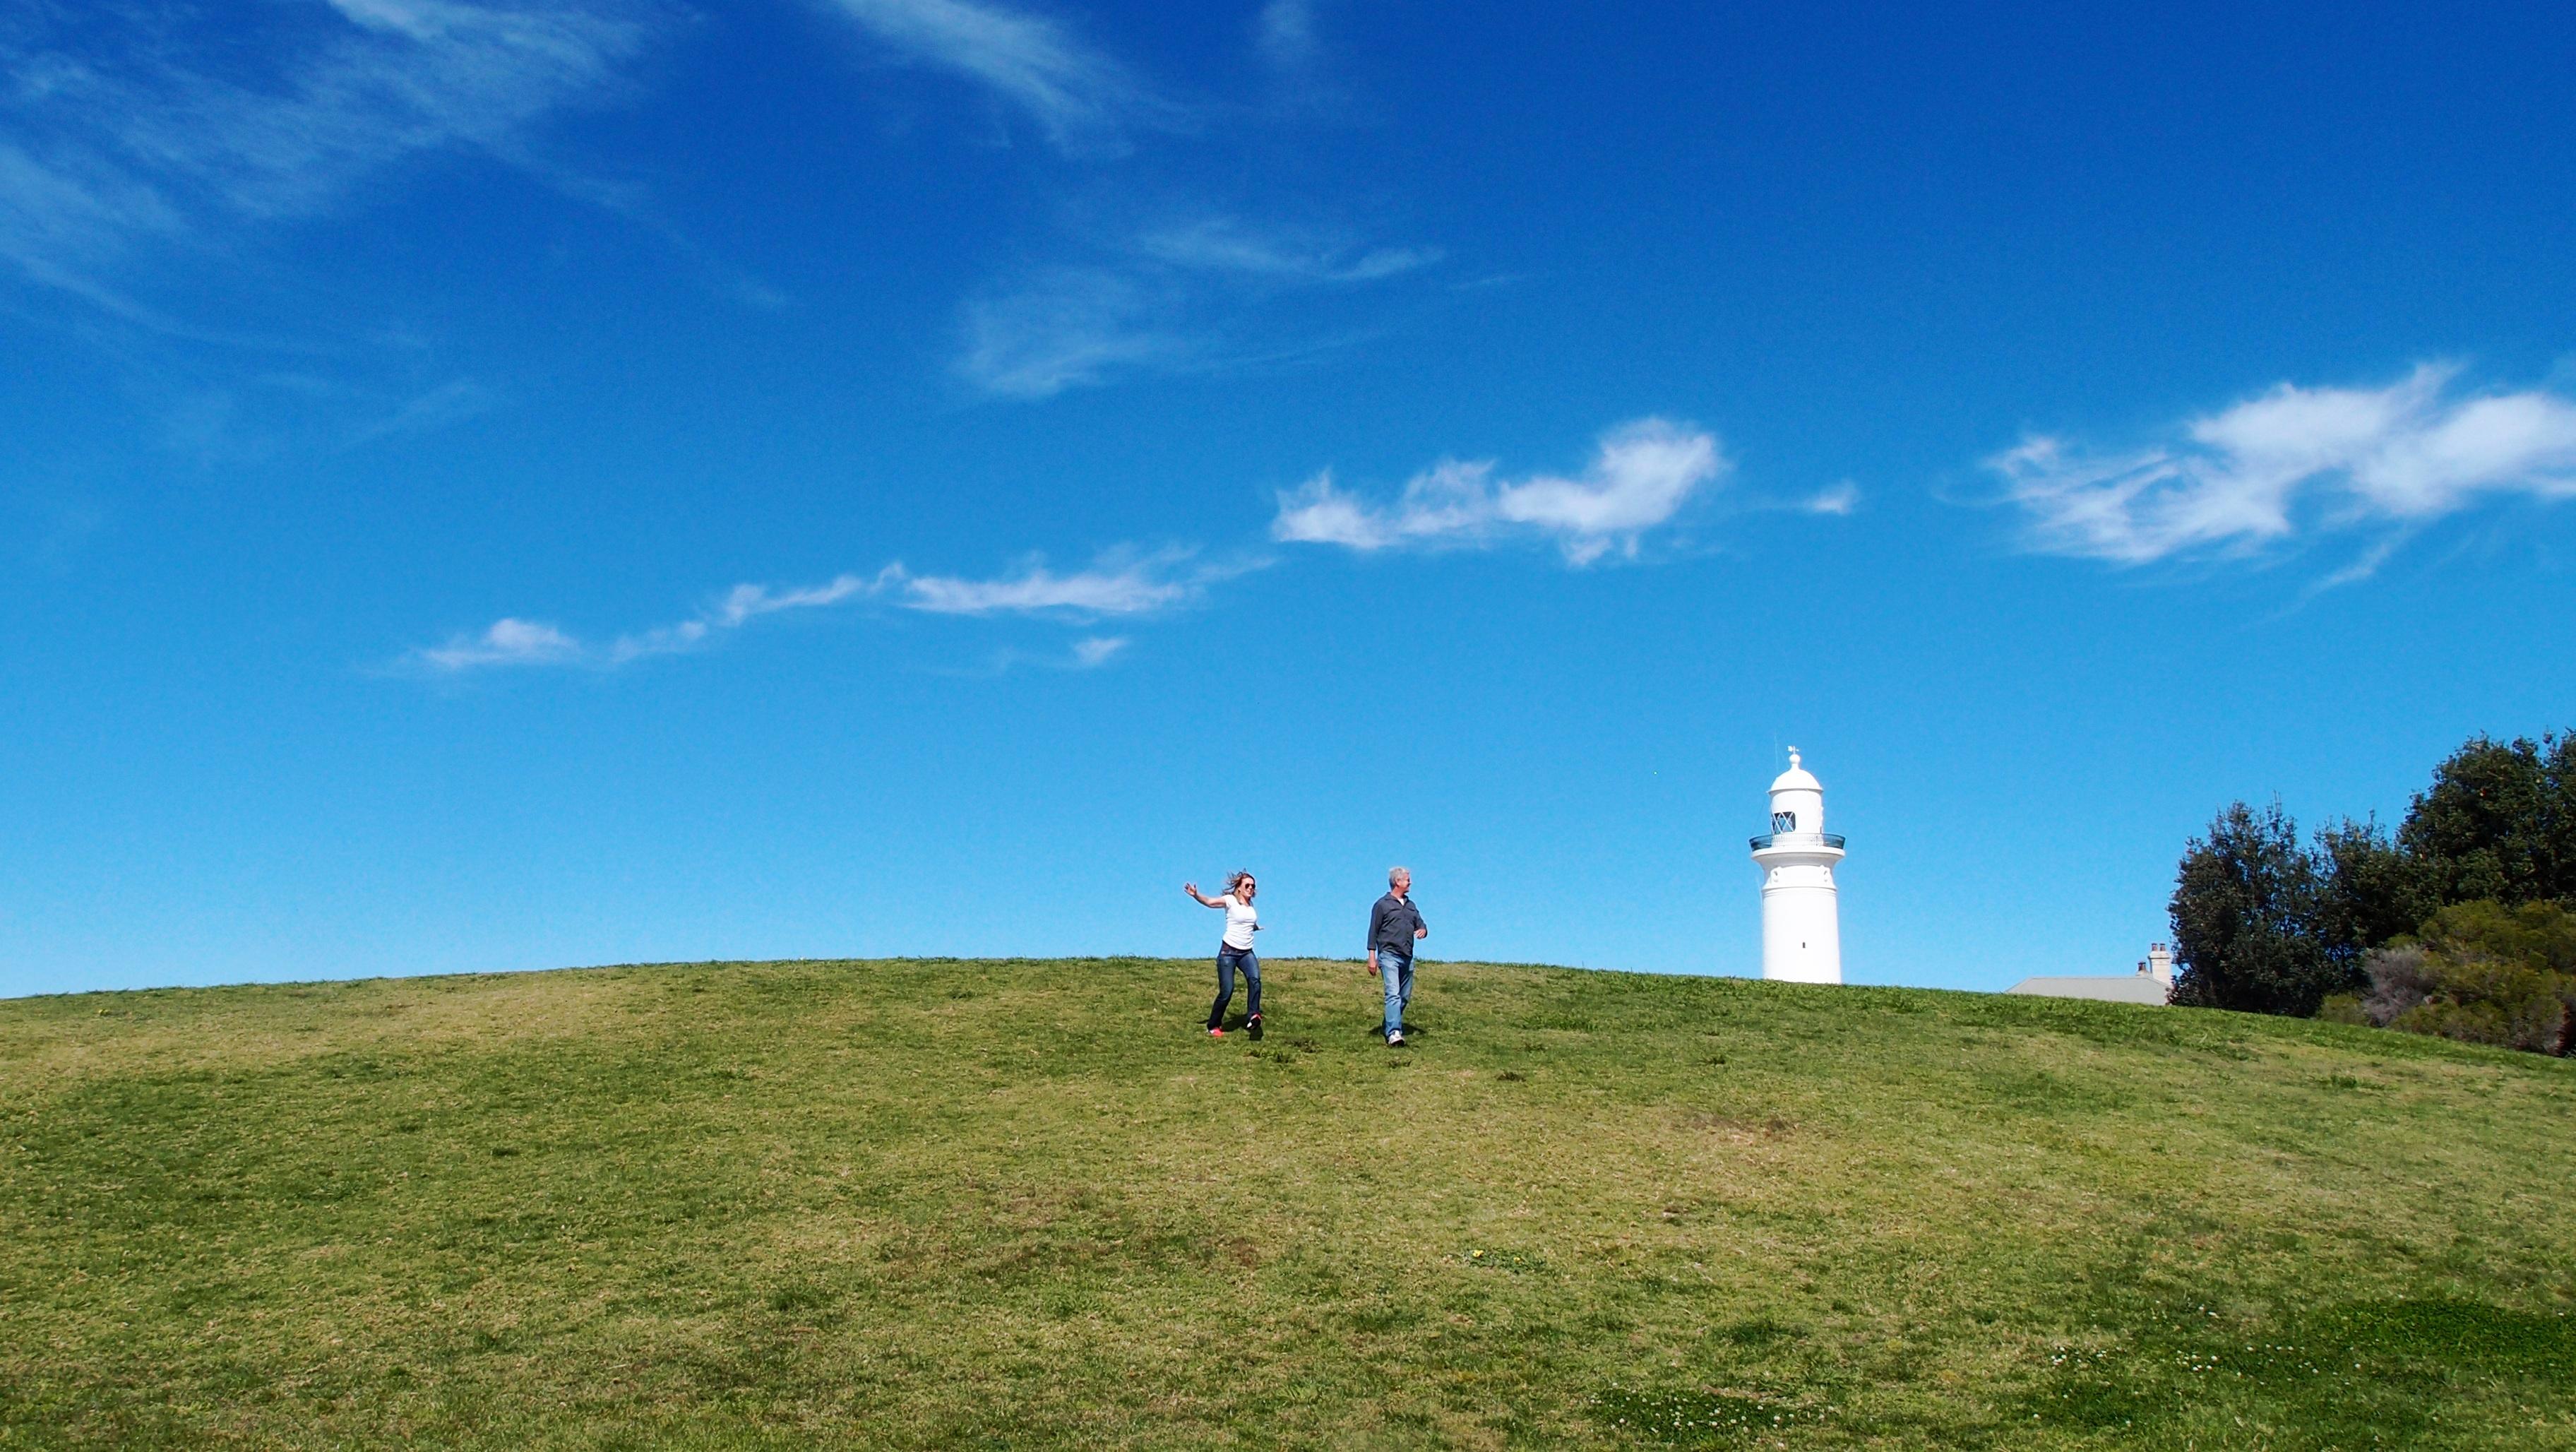 無料画像 風景 海岸 自然 地平線 山 雲 灯台 建築 人 空 フィールド 草原 丘